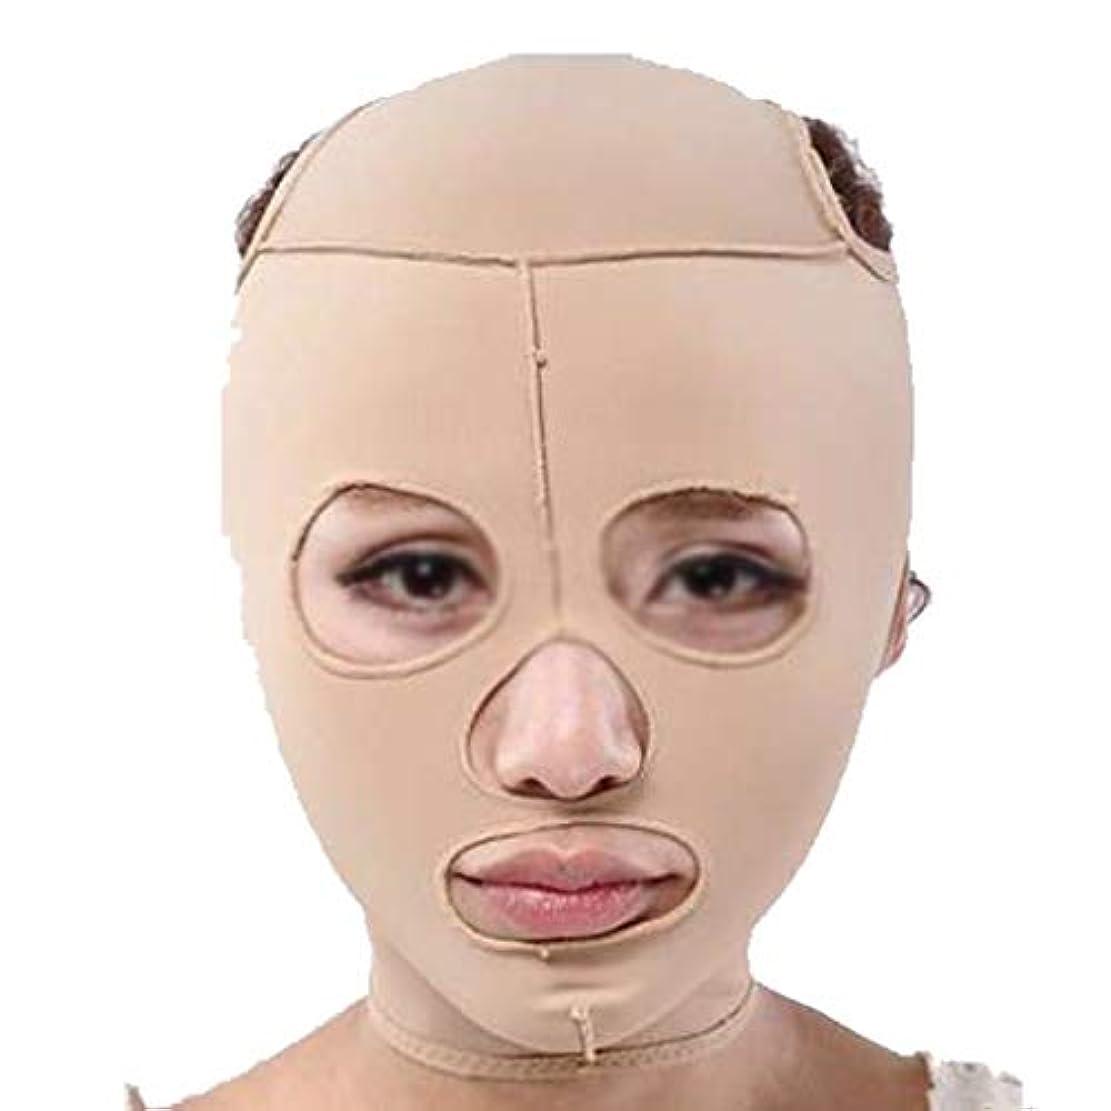 柔らかさ深める下に向けますZWBD フェイスマスク, フェイスコレクター男性と女性のフェイスリフティングマスクマスクバンデージリフティングスモールVフェイスリフティング引き締めダブルチン